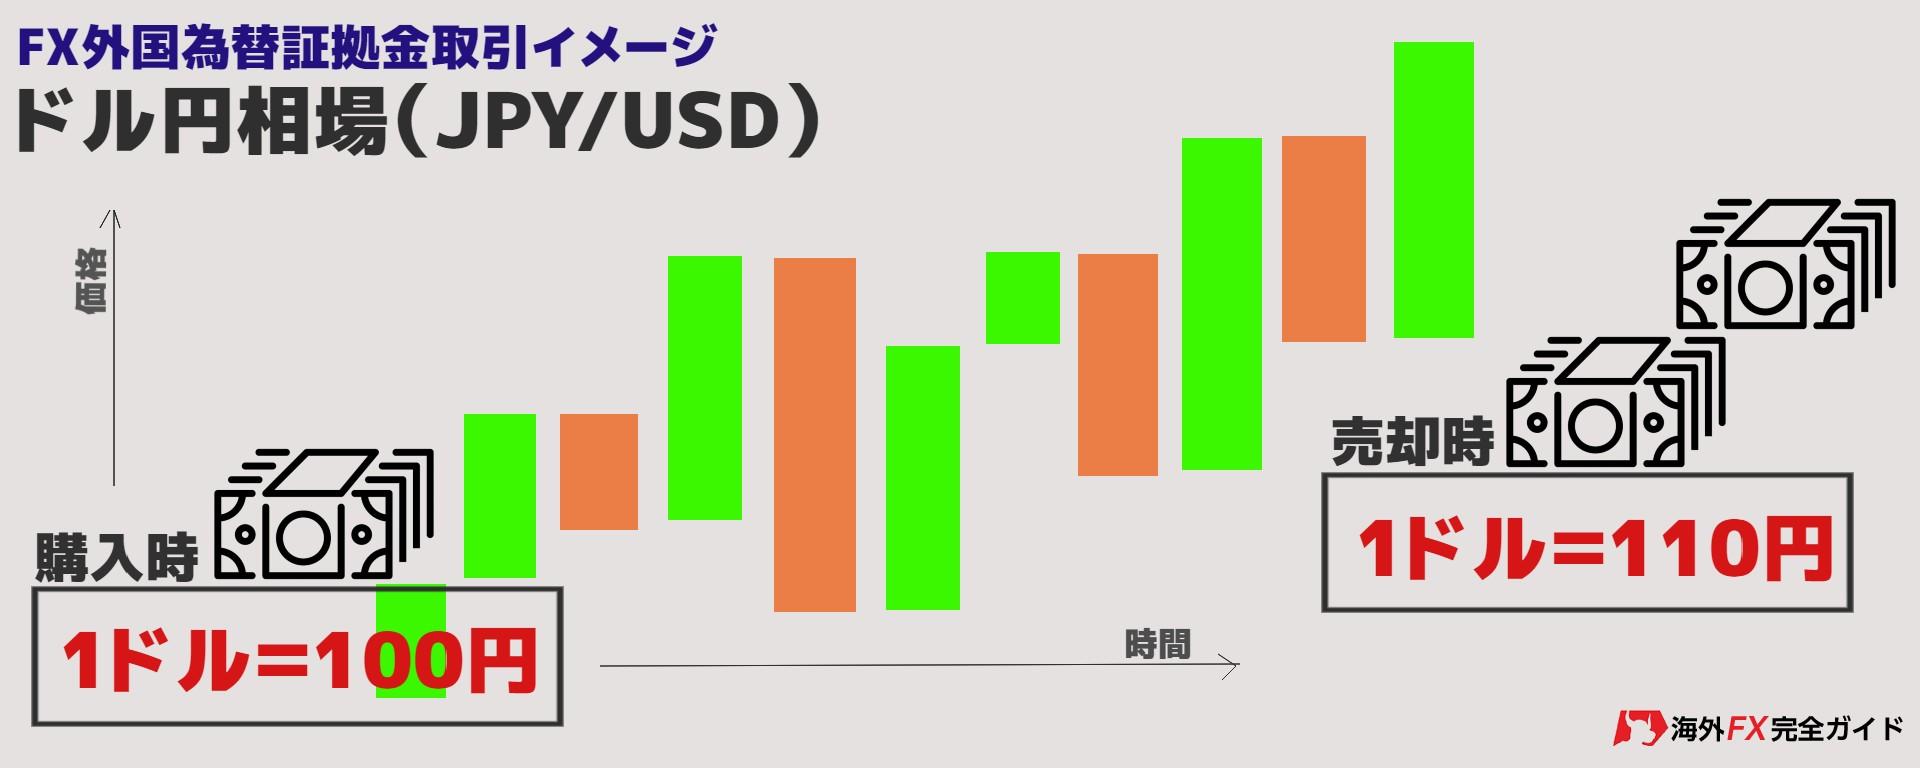 ドル円相場売買イメージ